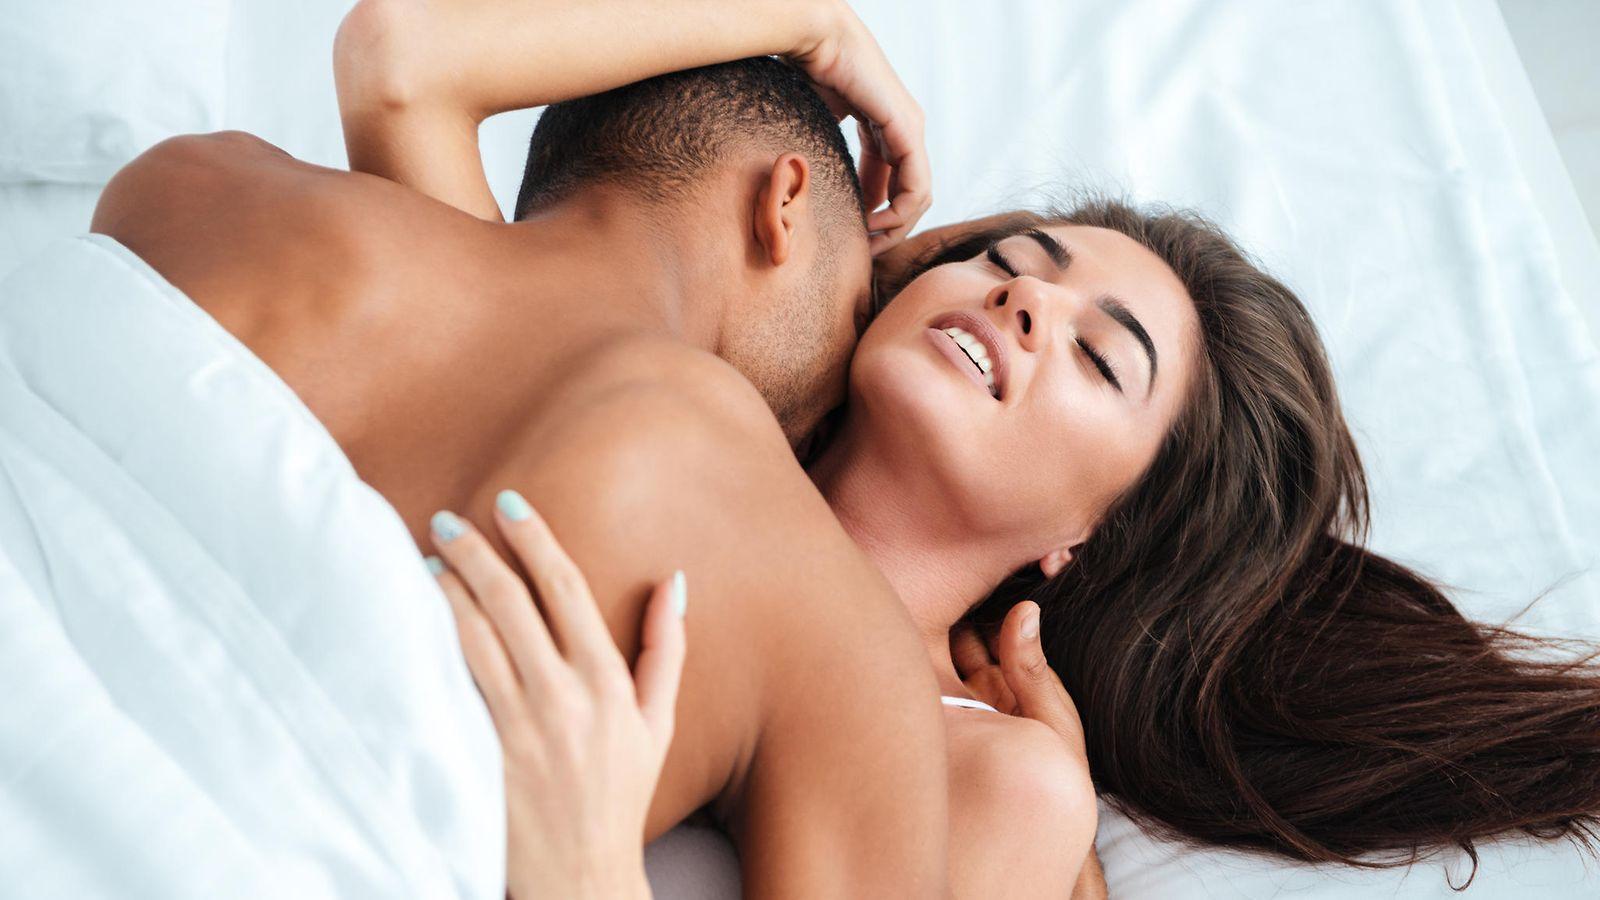 ilmaiset seksi elokuvat suuseksiä miehelle